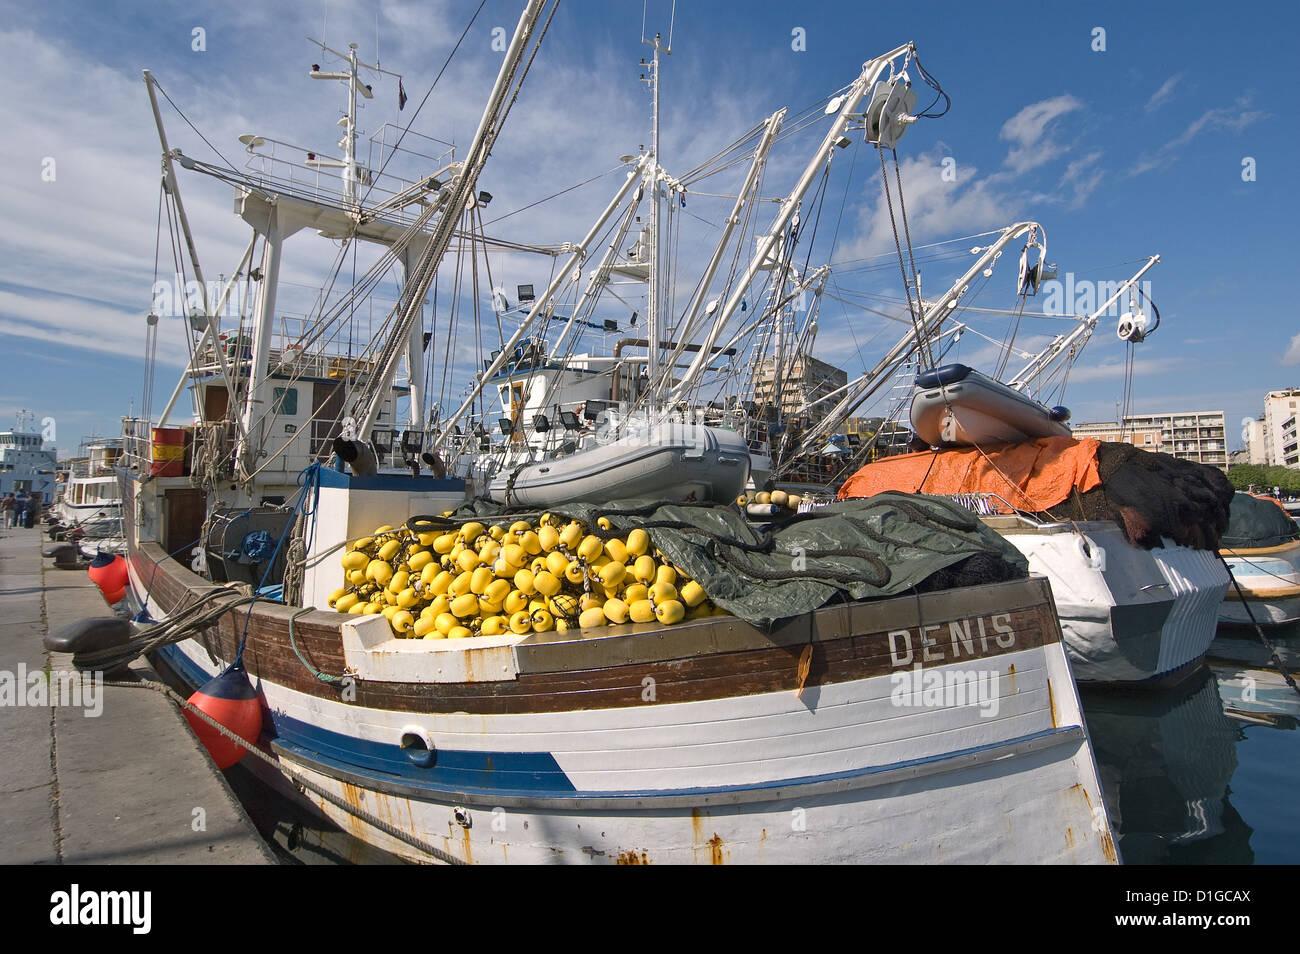 Elk192-2006 Croatia, Dalmatian Coast, Zadar, fishing boats - Stock Image